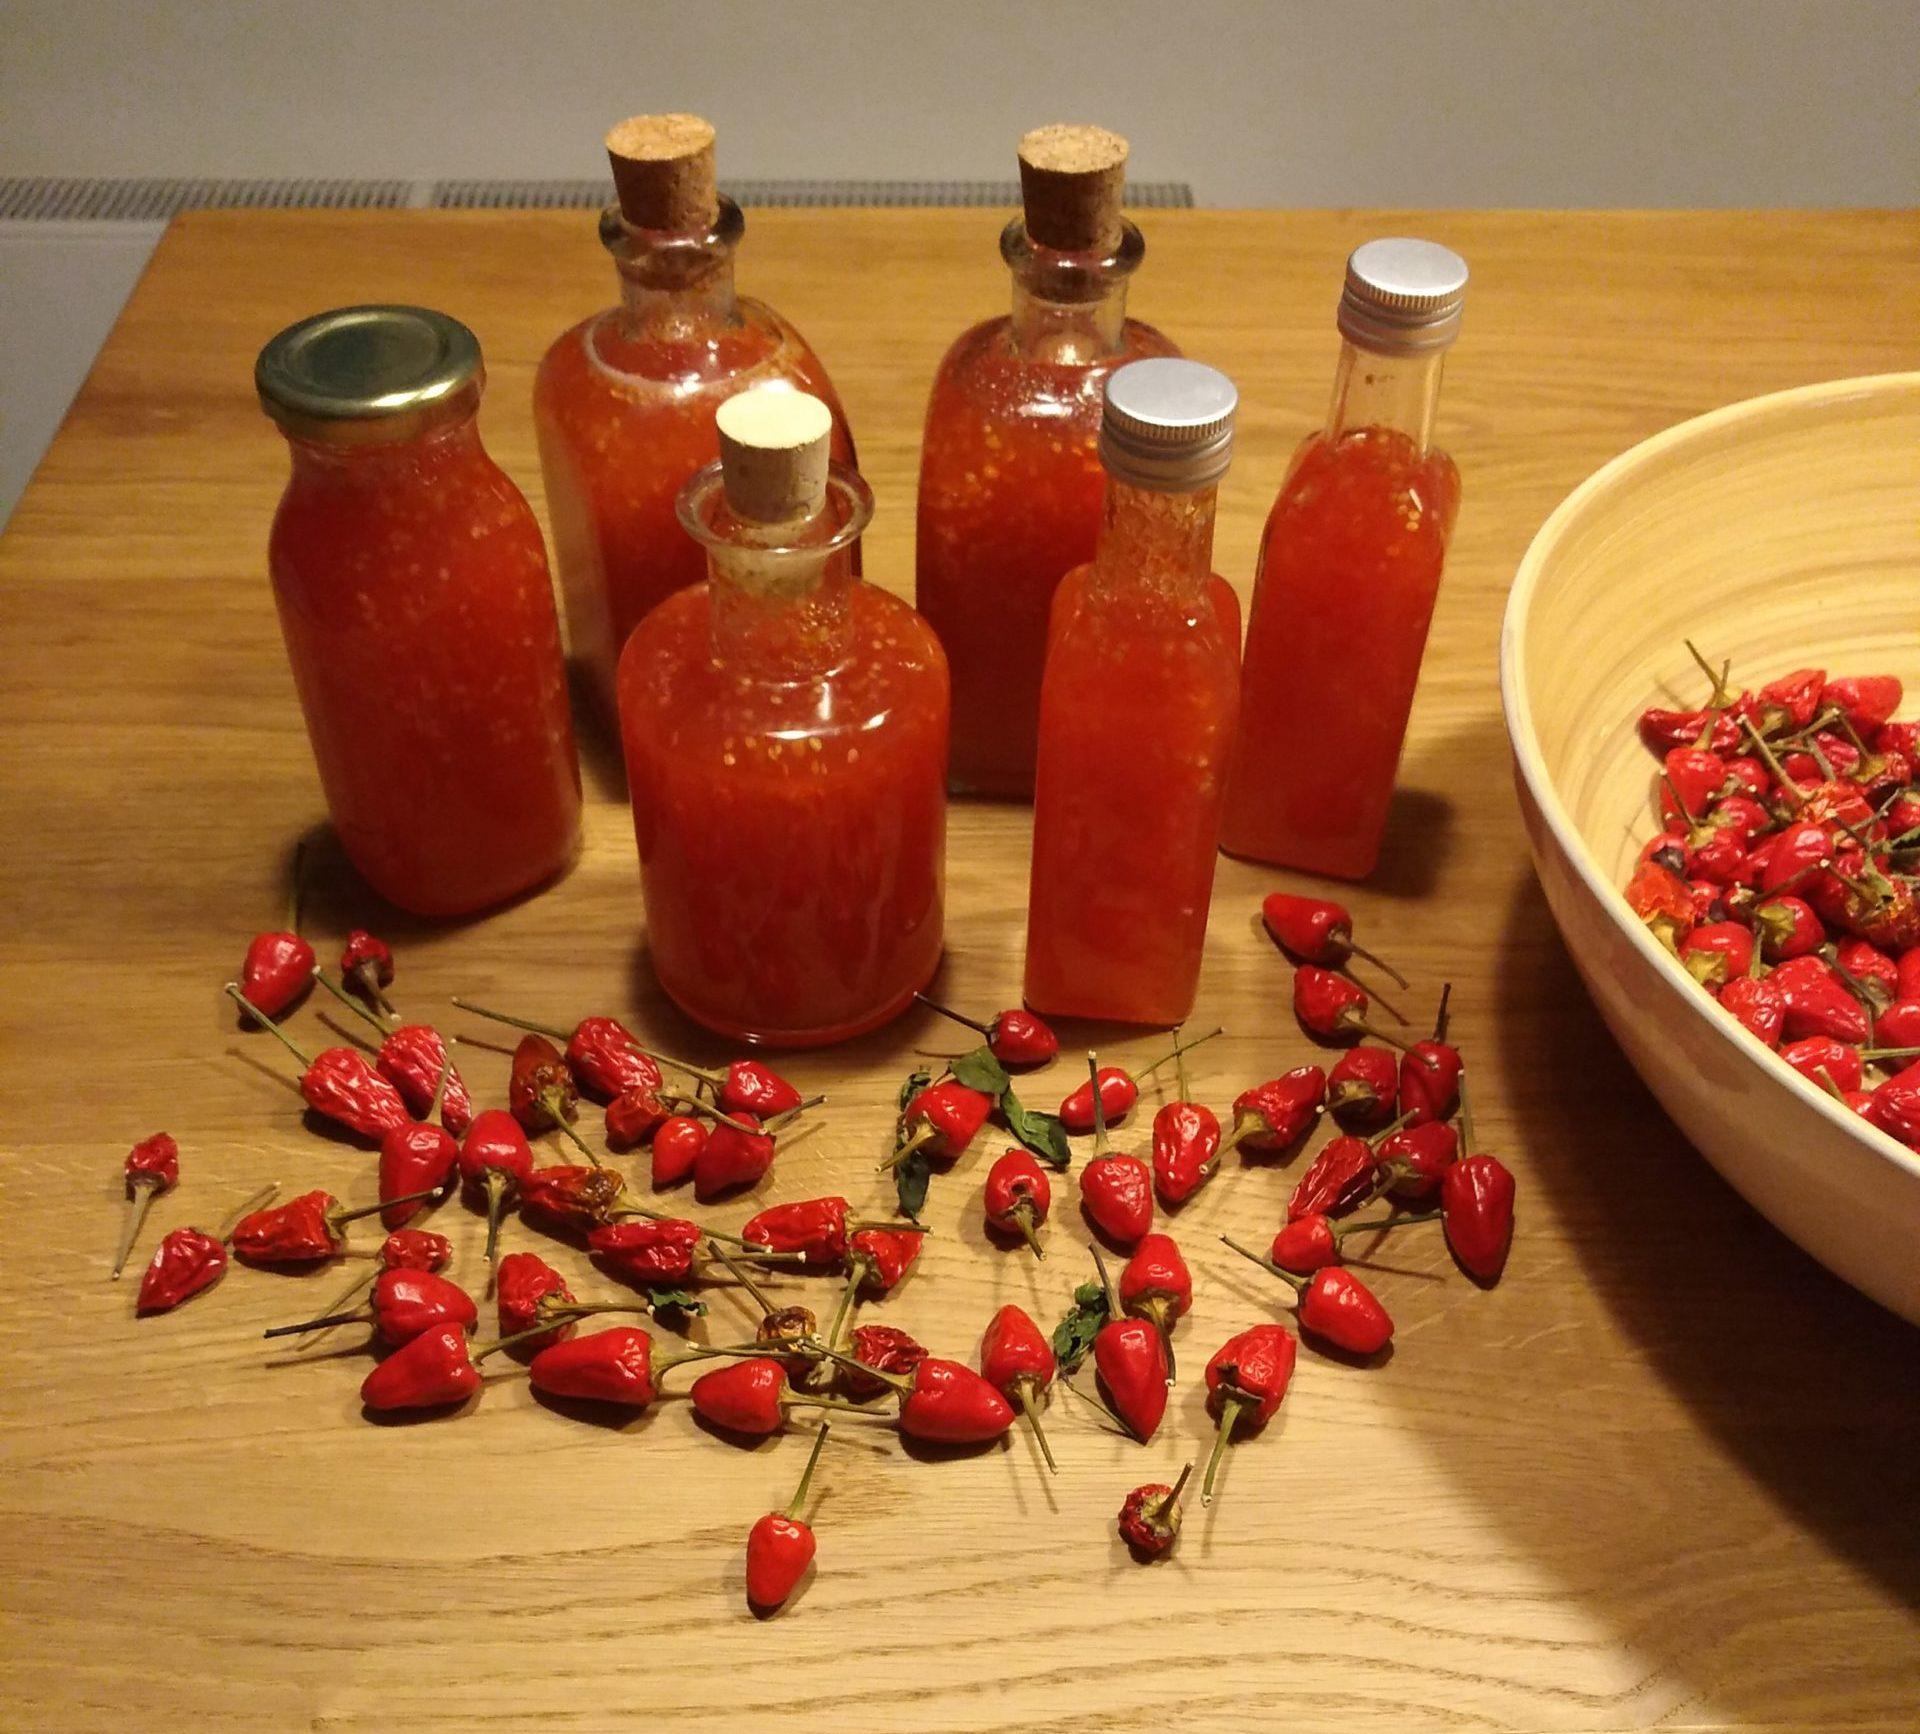 Chiliernte verarbeiten - Sweet Chili Soße